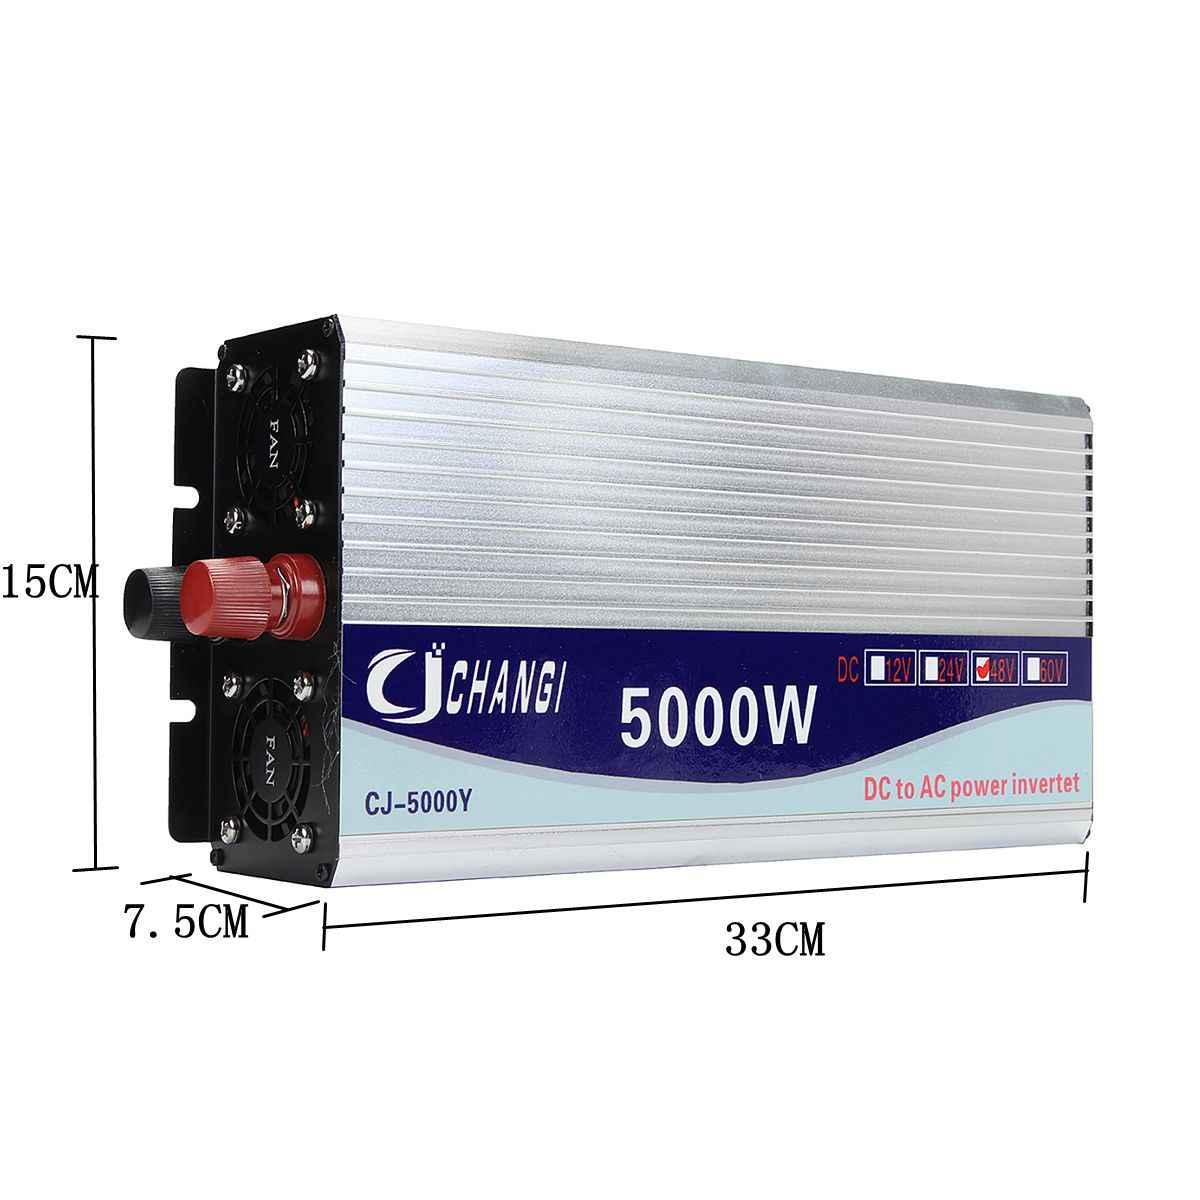 Invertör 12V 220V gerilim trafosu 10000W p eak 12V/24V/48V modifiye sinüs dalga güç gerilim trafosu invertör dönüştürücü